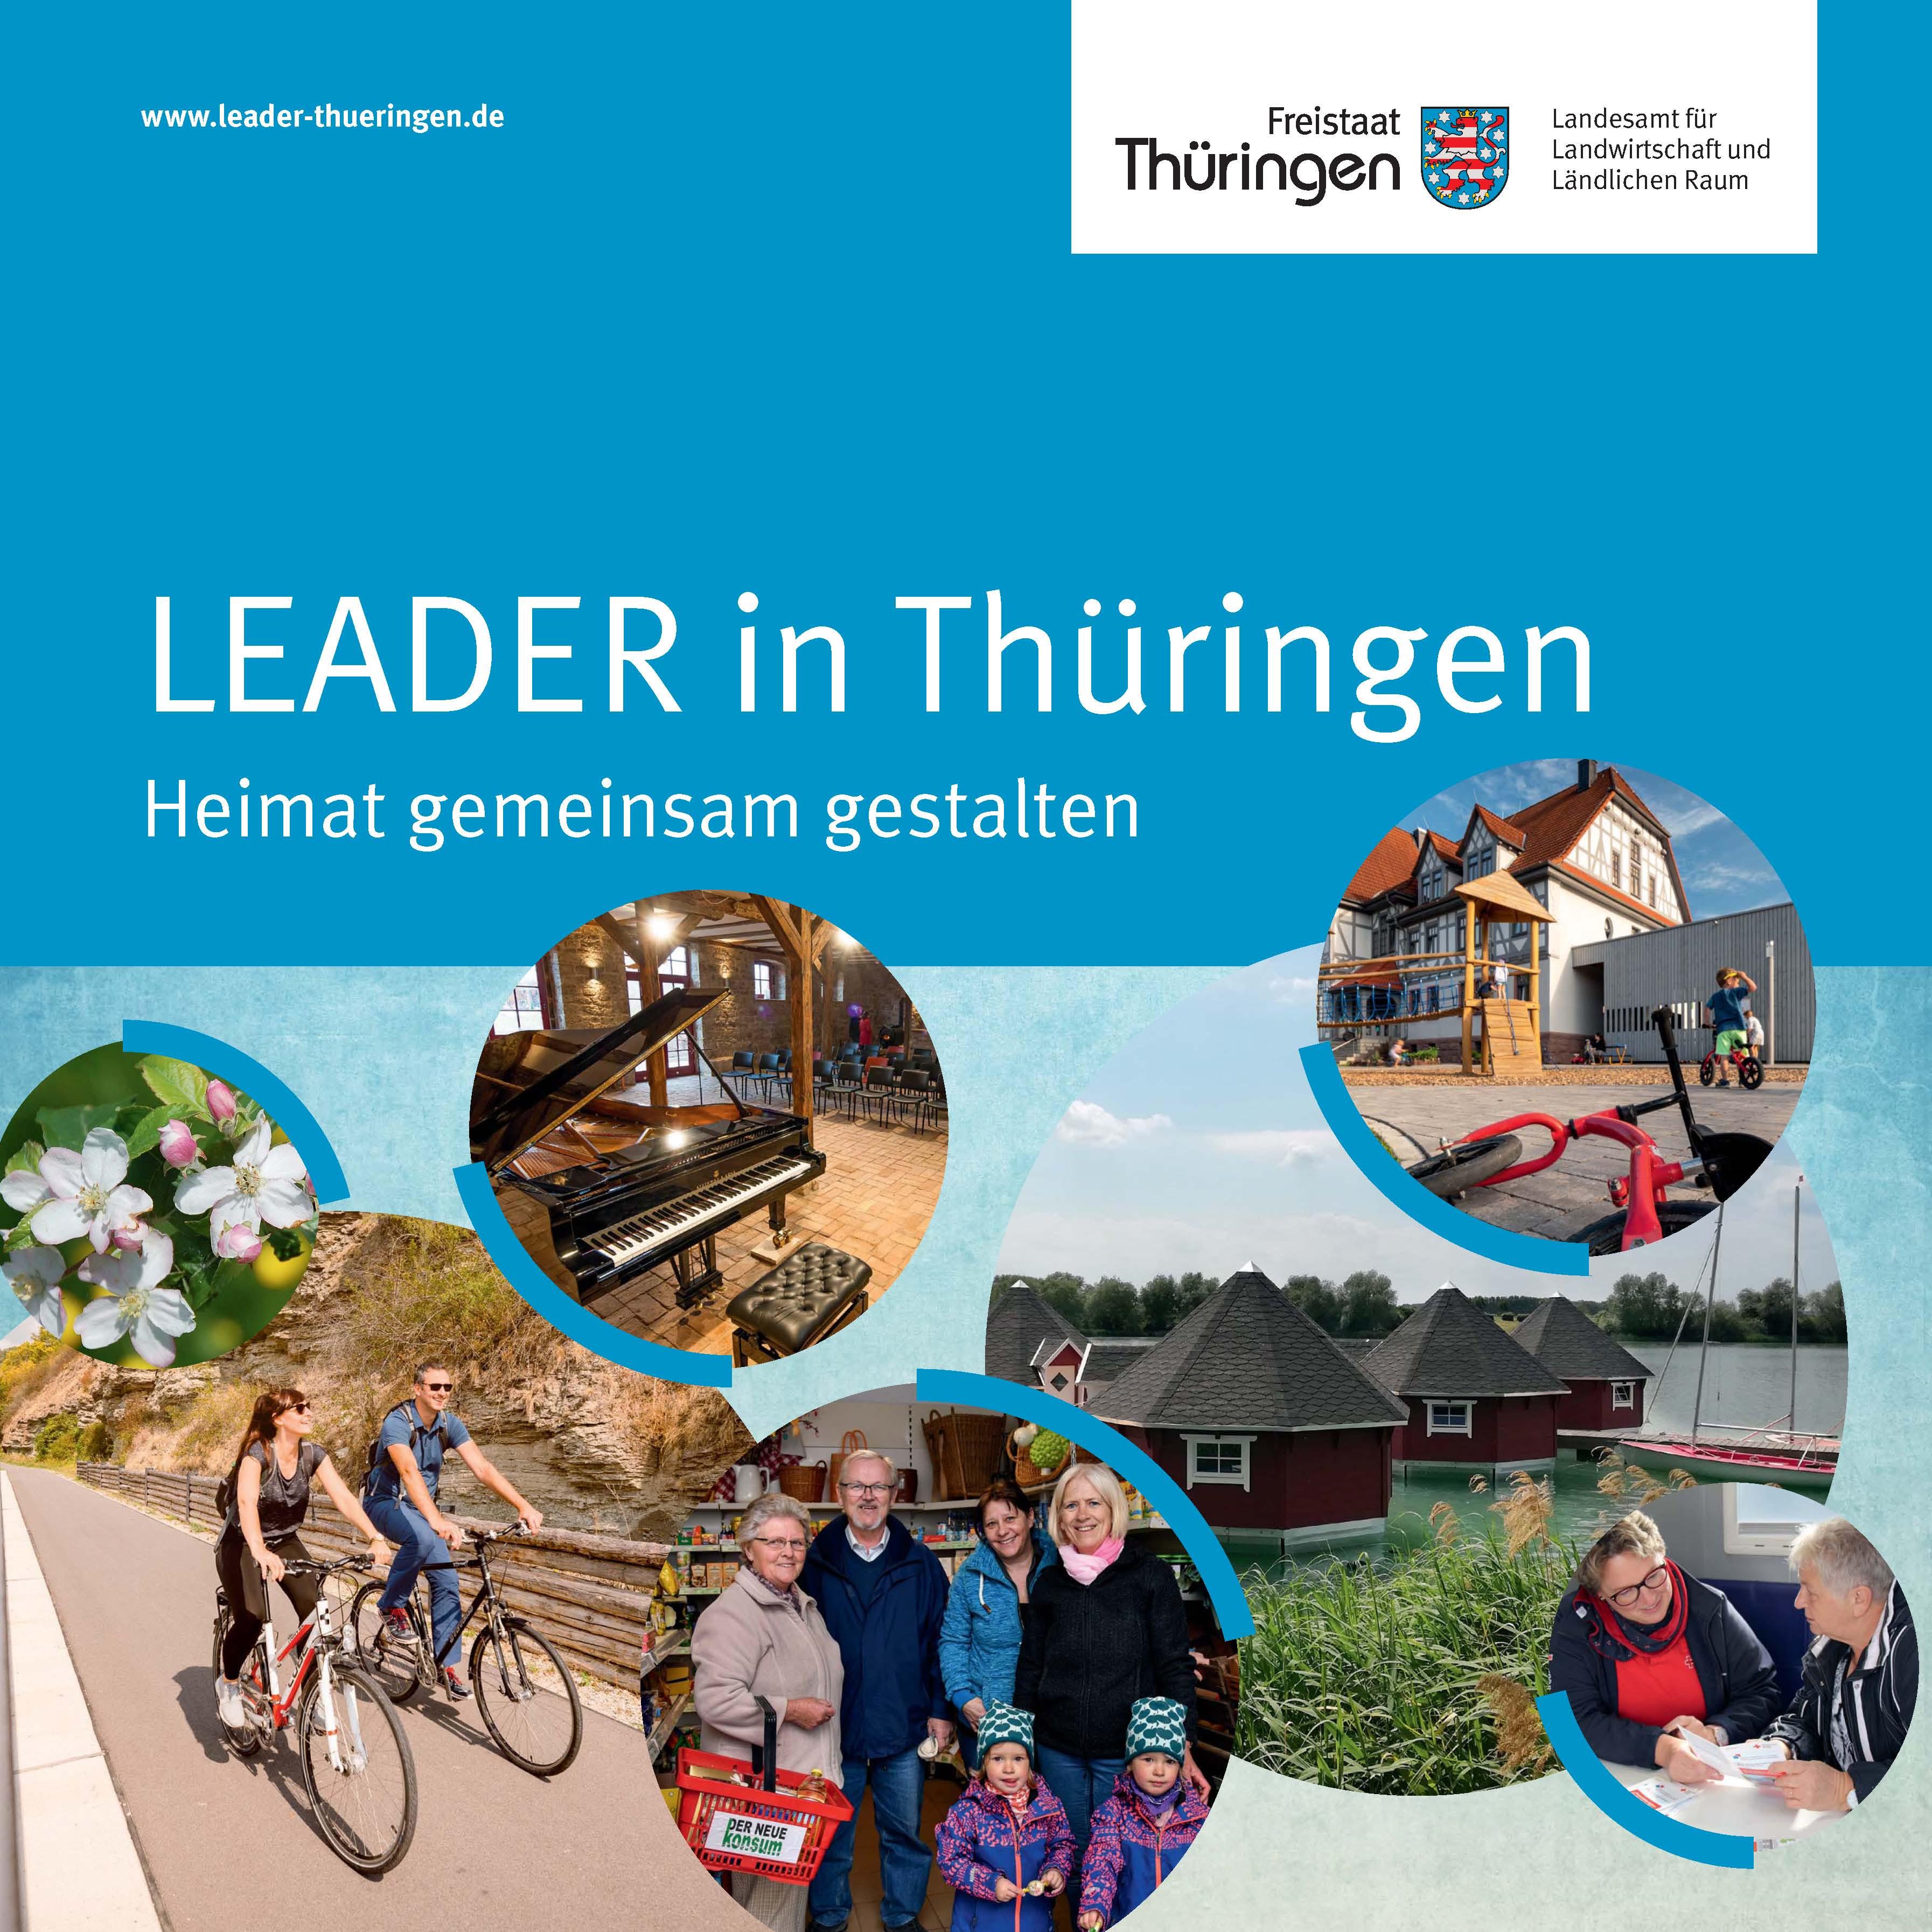 """Titelbild Broschüre """"LEADER in Thüringen - Heimat gemeinsam gestalten"""" (Thüringer Landesamt für Landwirtschaft und Ländlichen Raum (TLLLR))"""